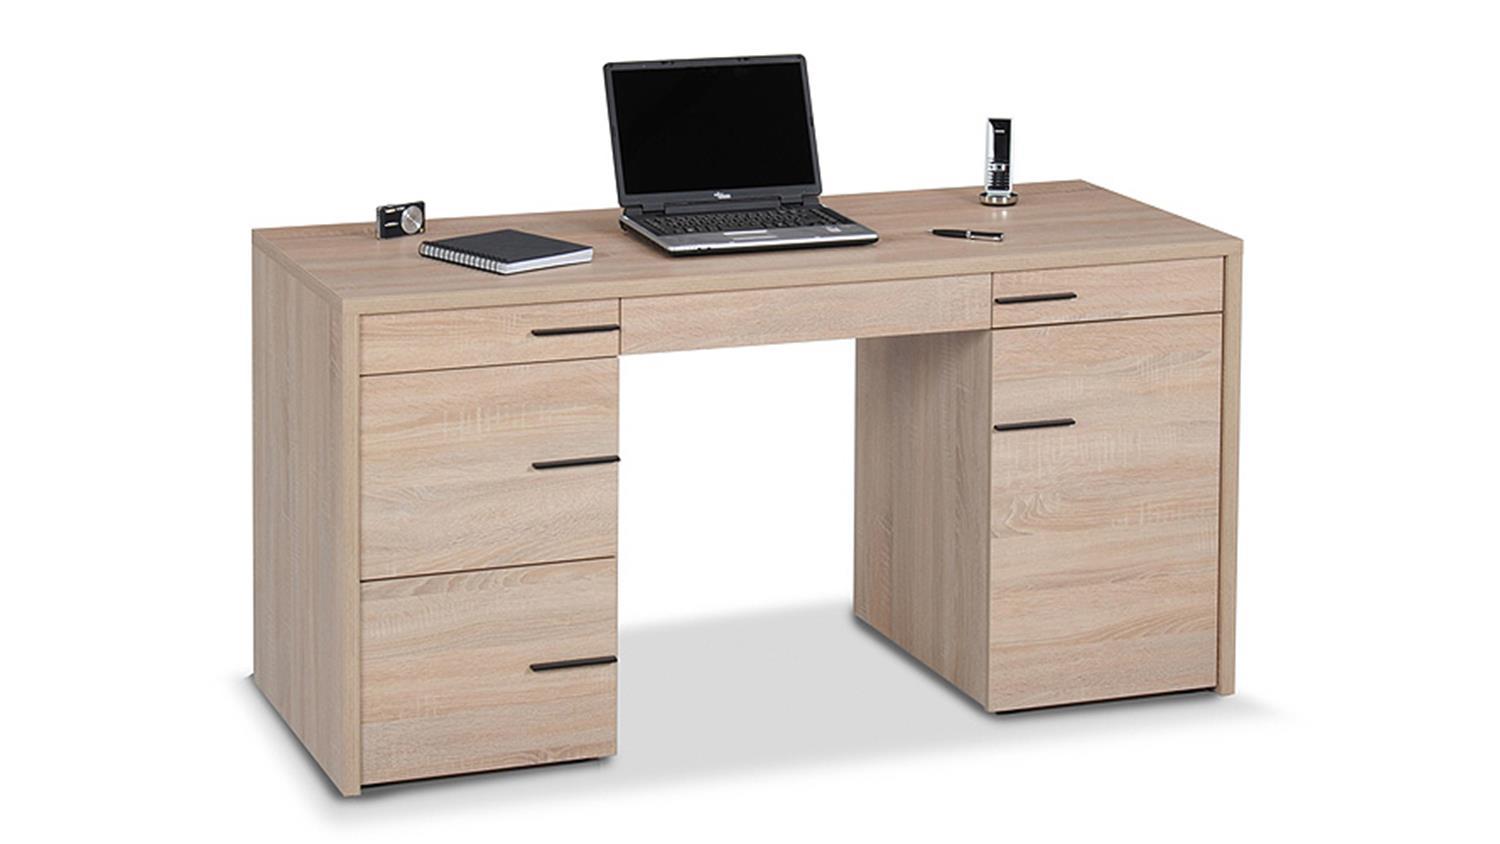 schreibtisch cl 150 sonoma eiche s gerau jahnke. Black Bedroom Furniture Sets. Home Design Ideas